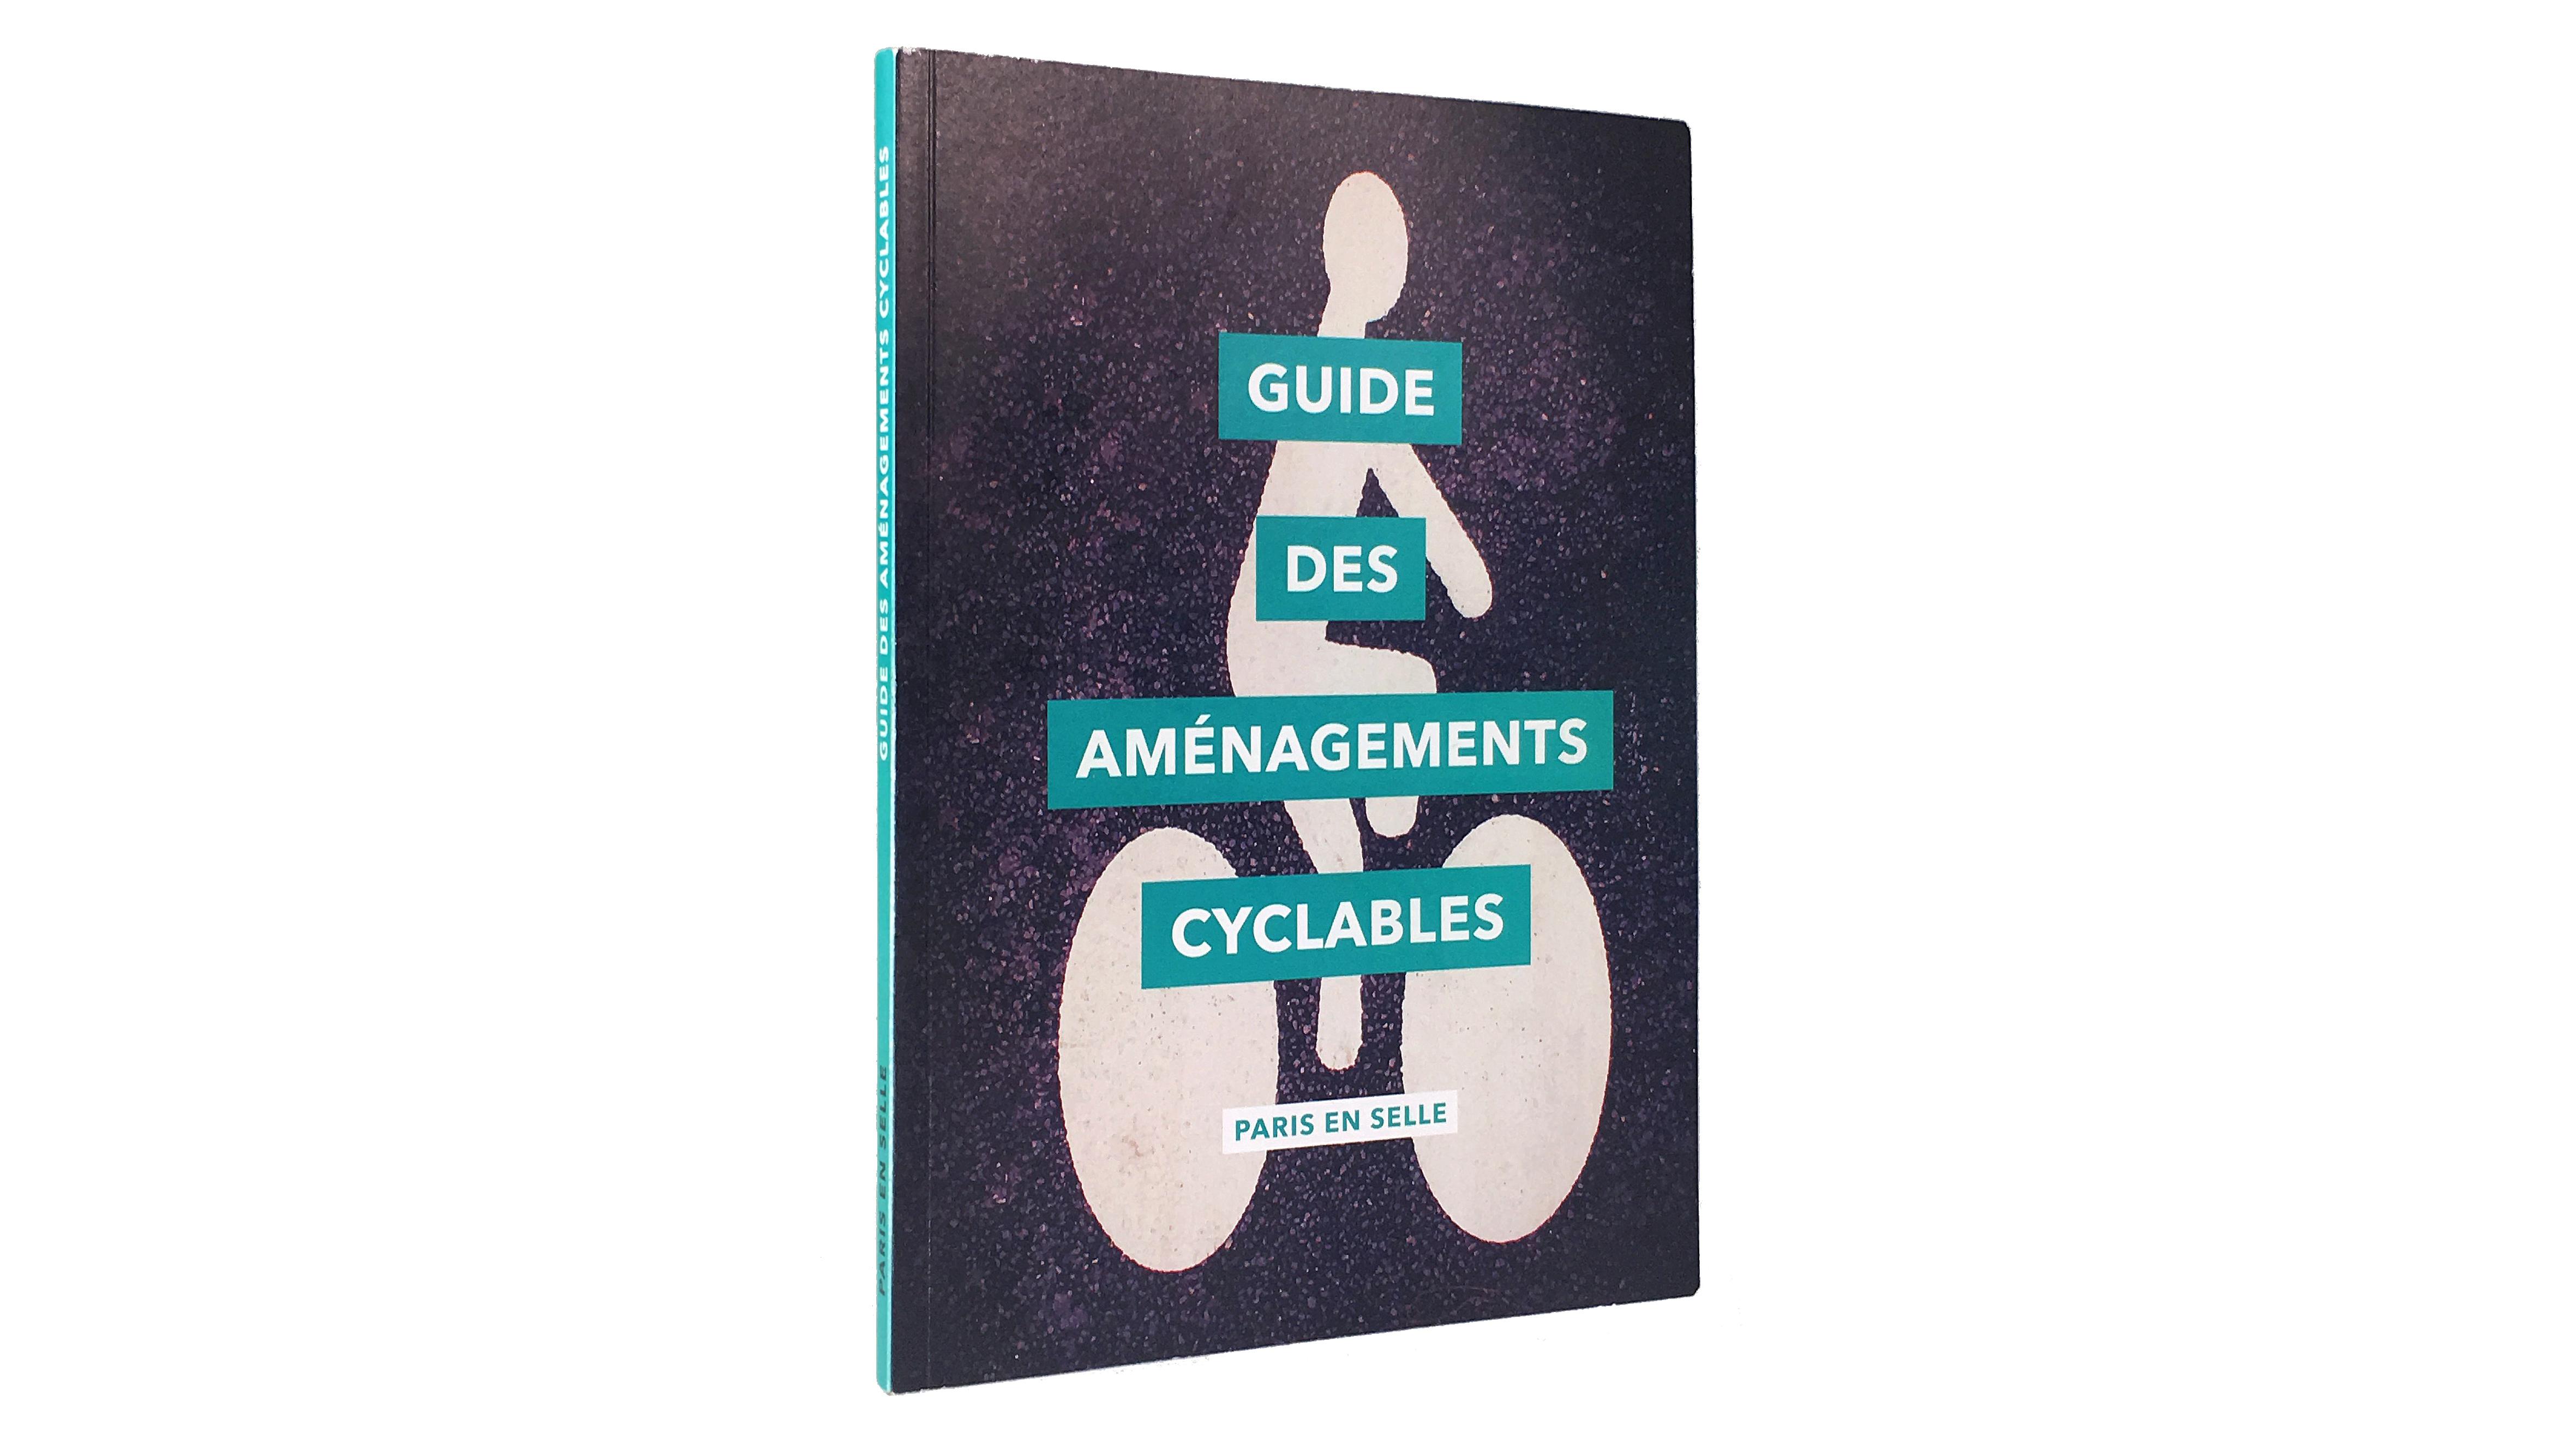 Le Guide des Aménagements Cyclables